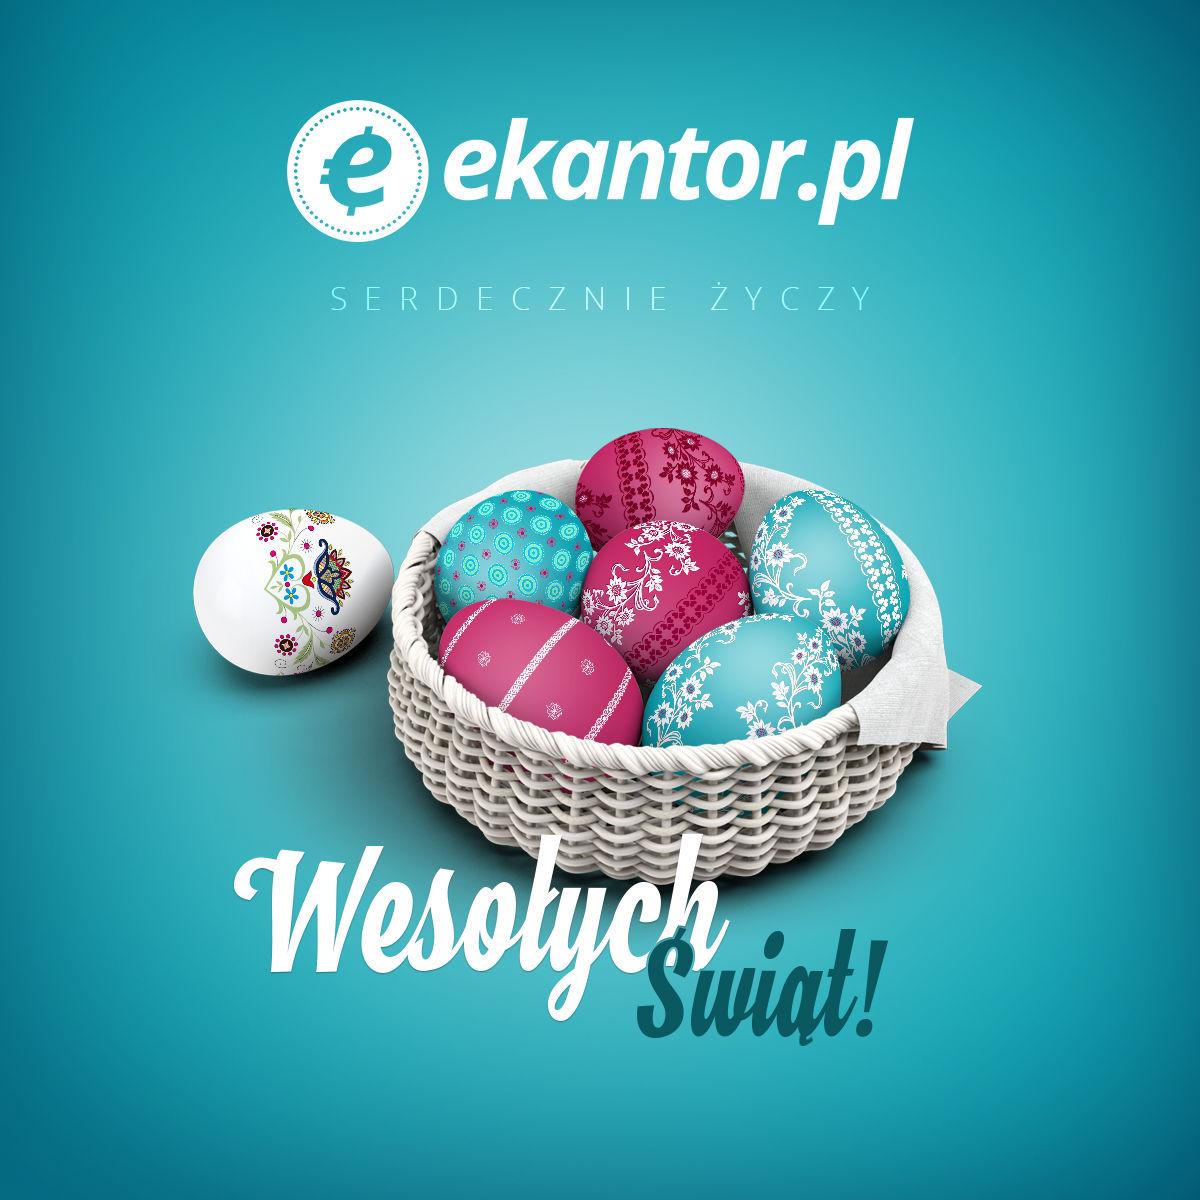 Wesołych Świąt Wielkanocnych życzy internetowy kantor wymiany walut online - ekantor.pl